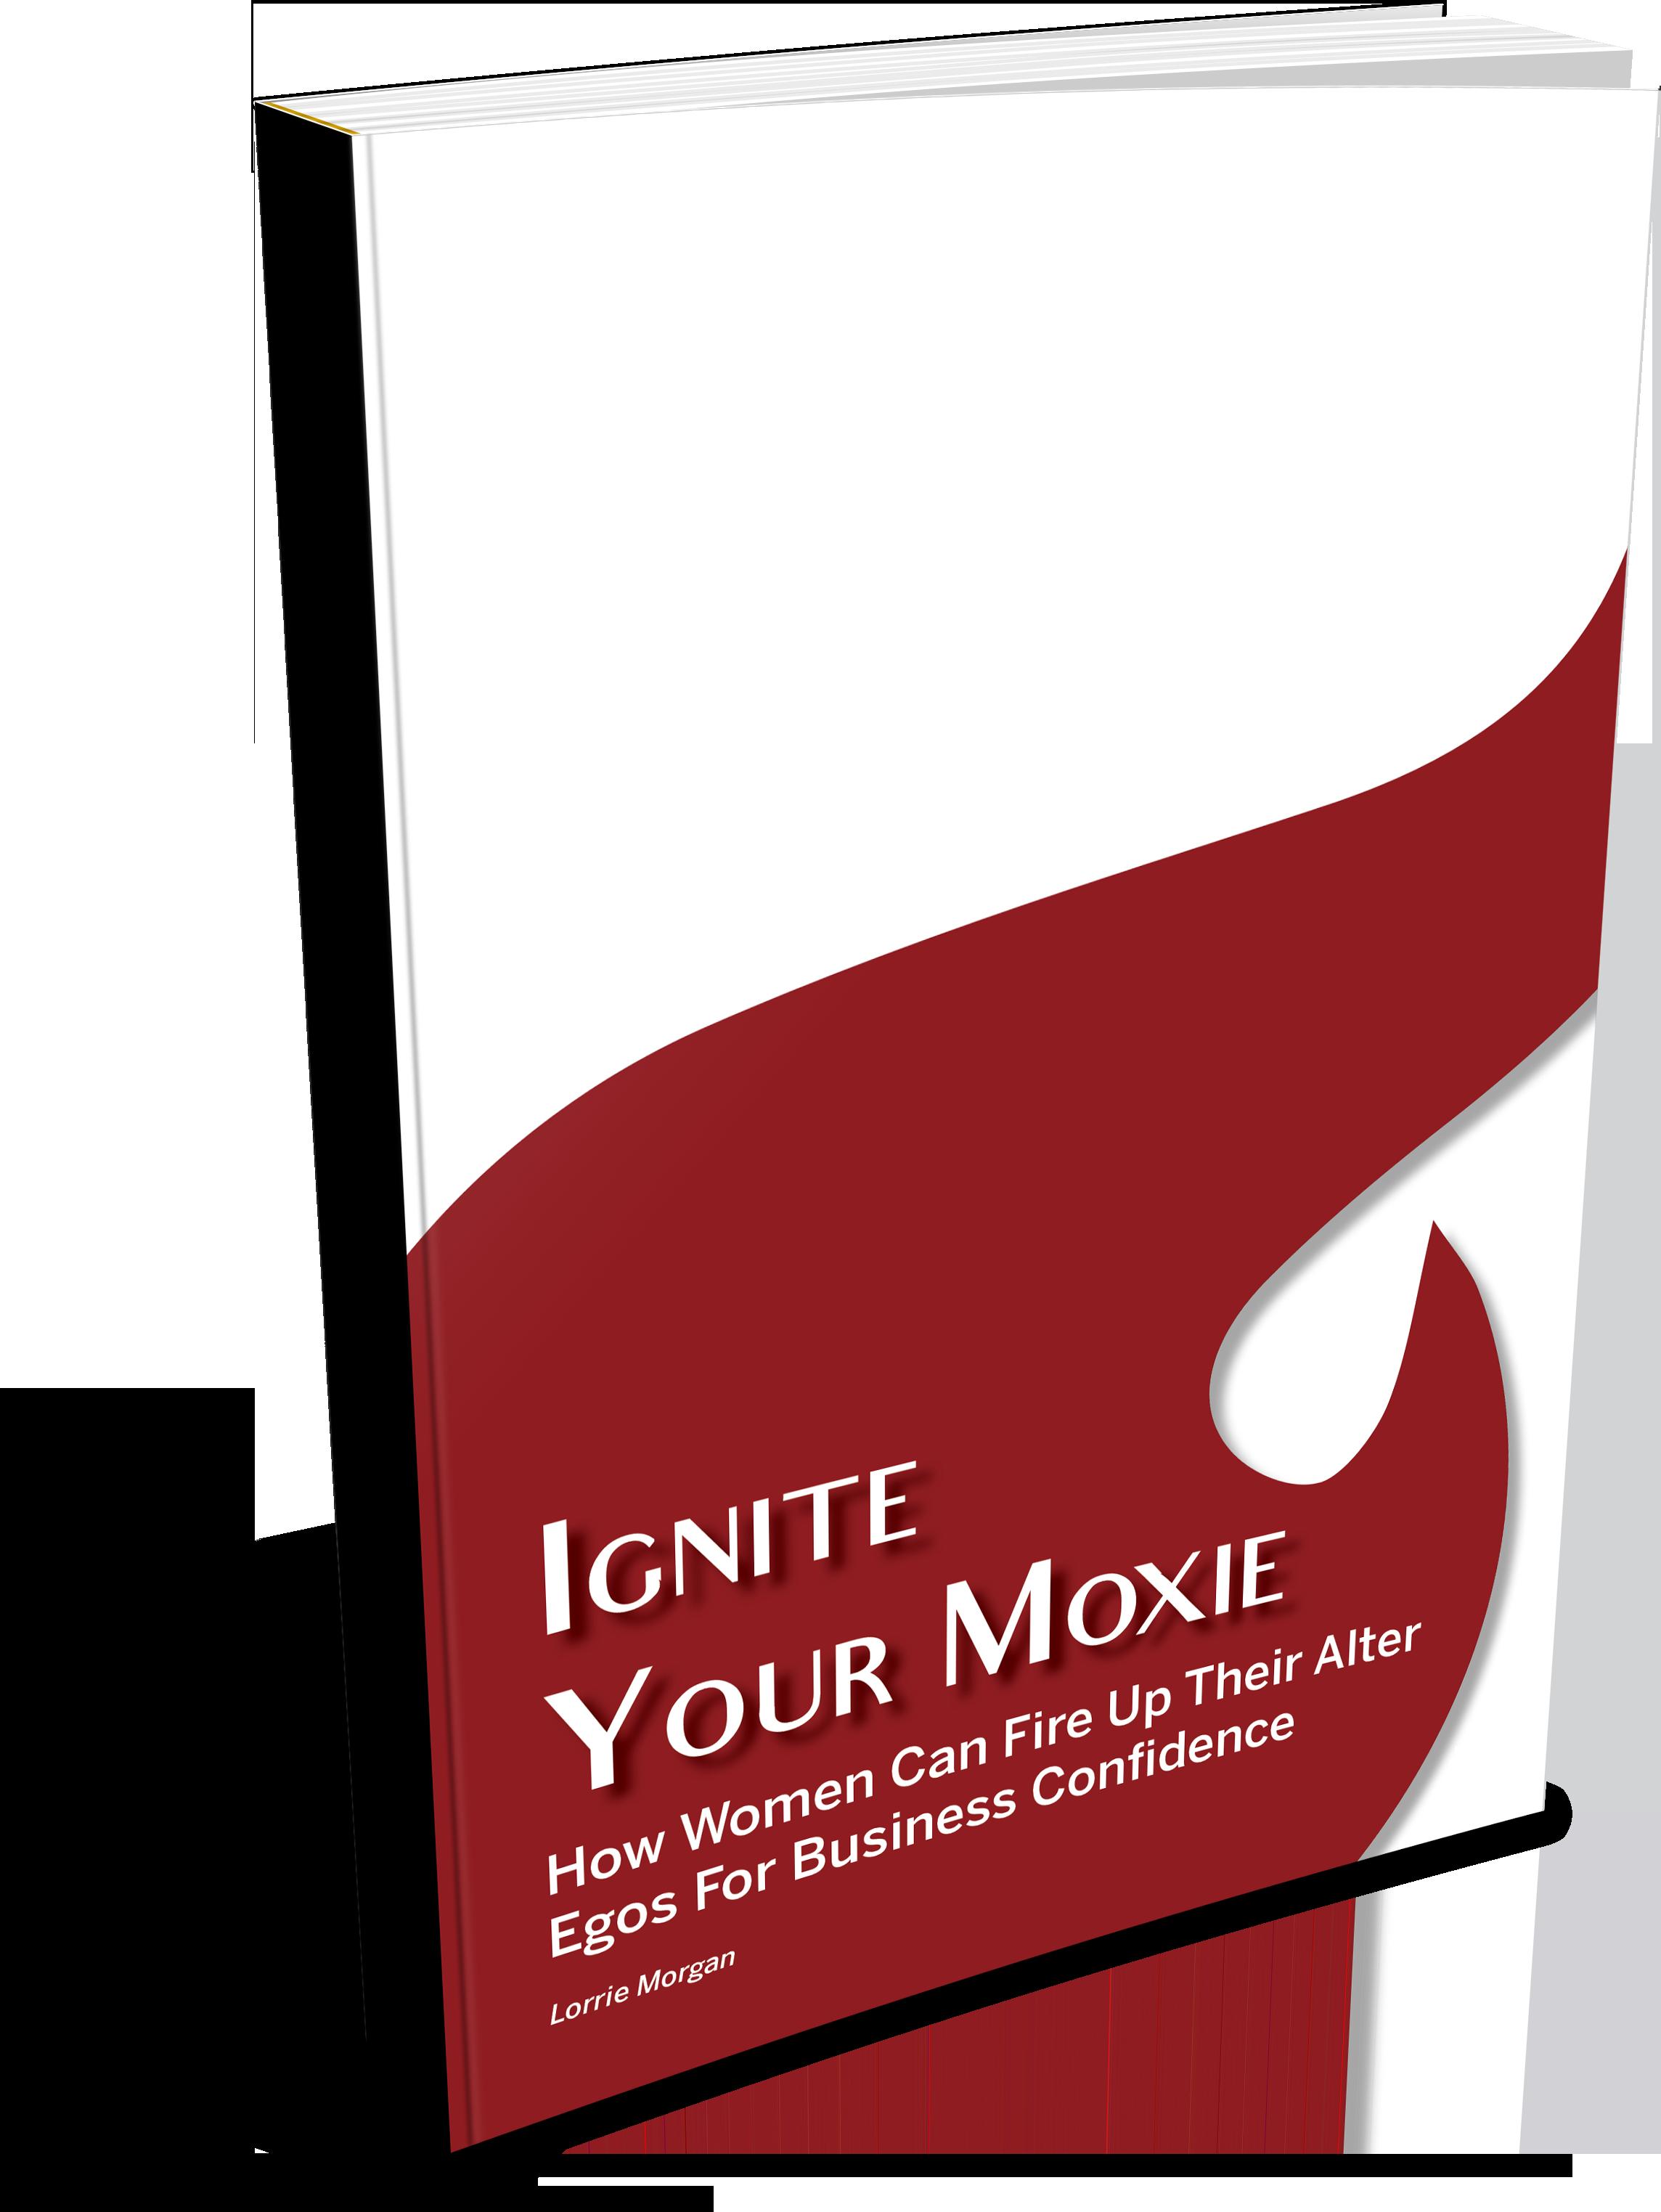 Ignite Your Moxie